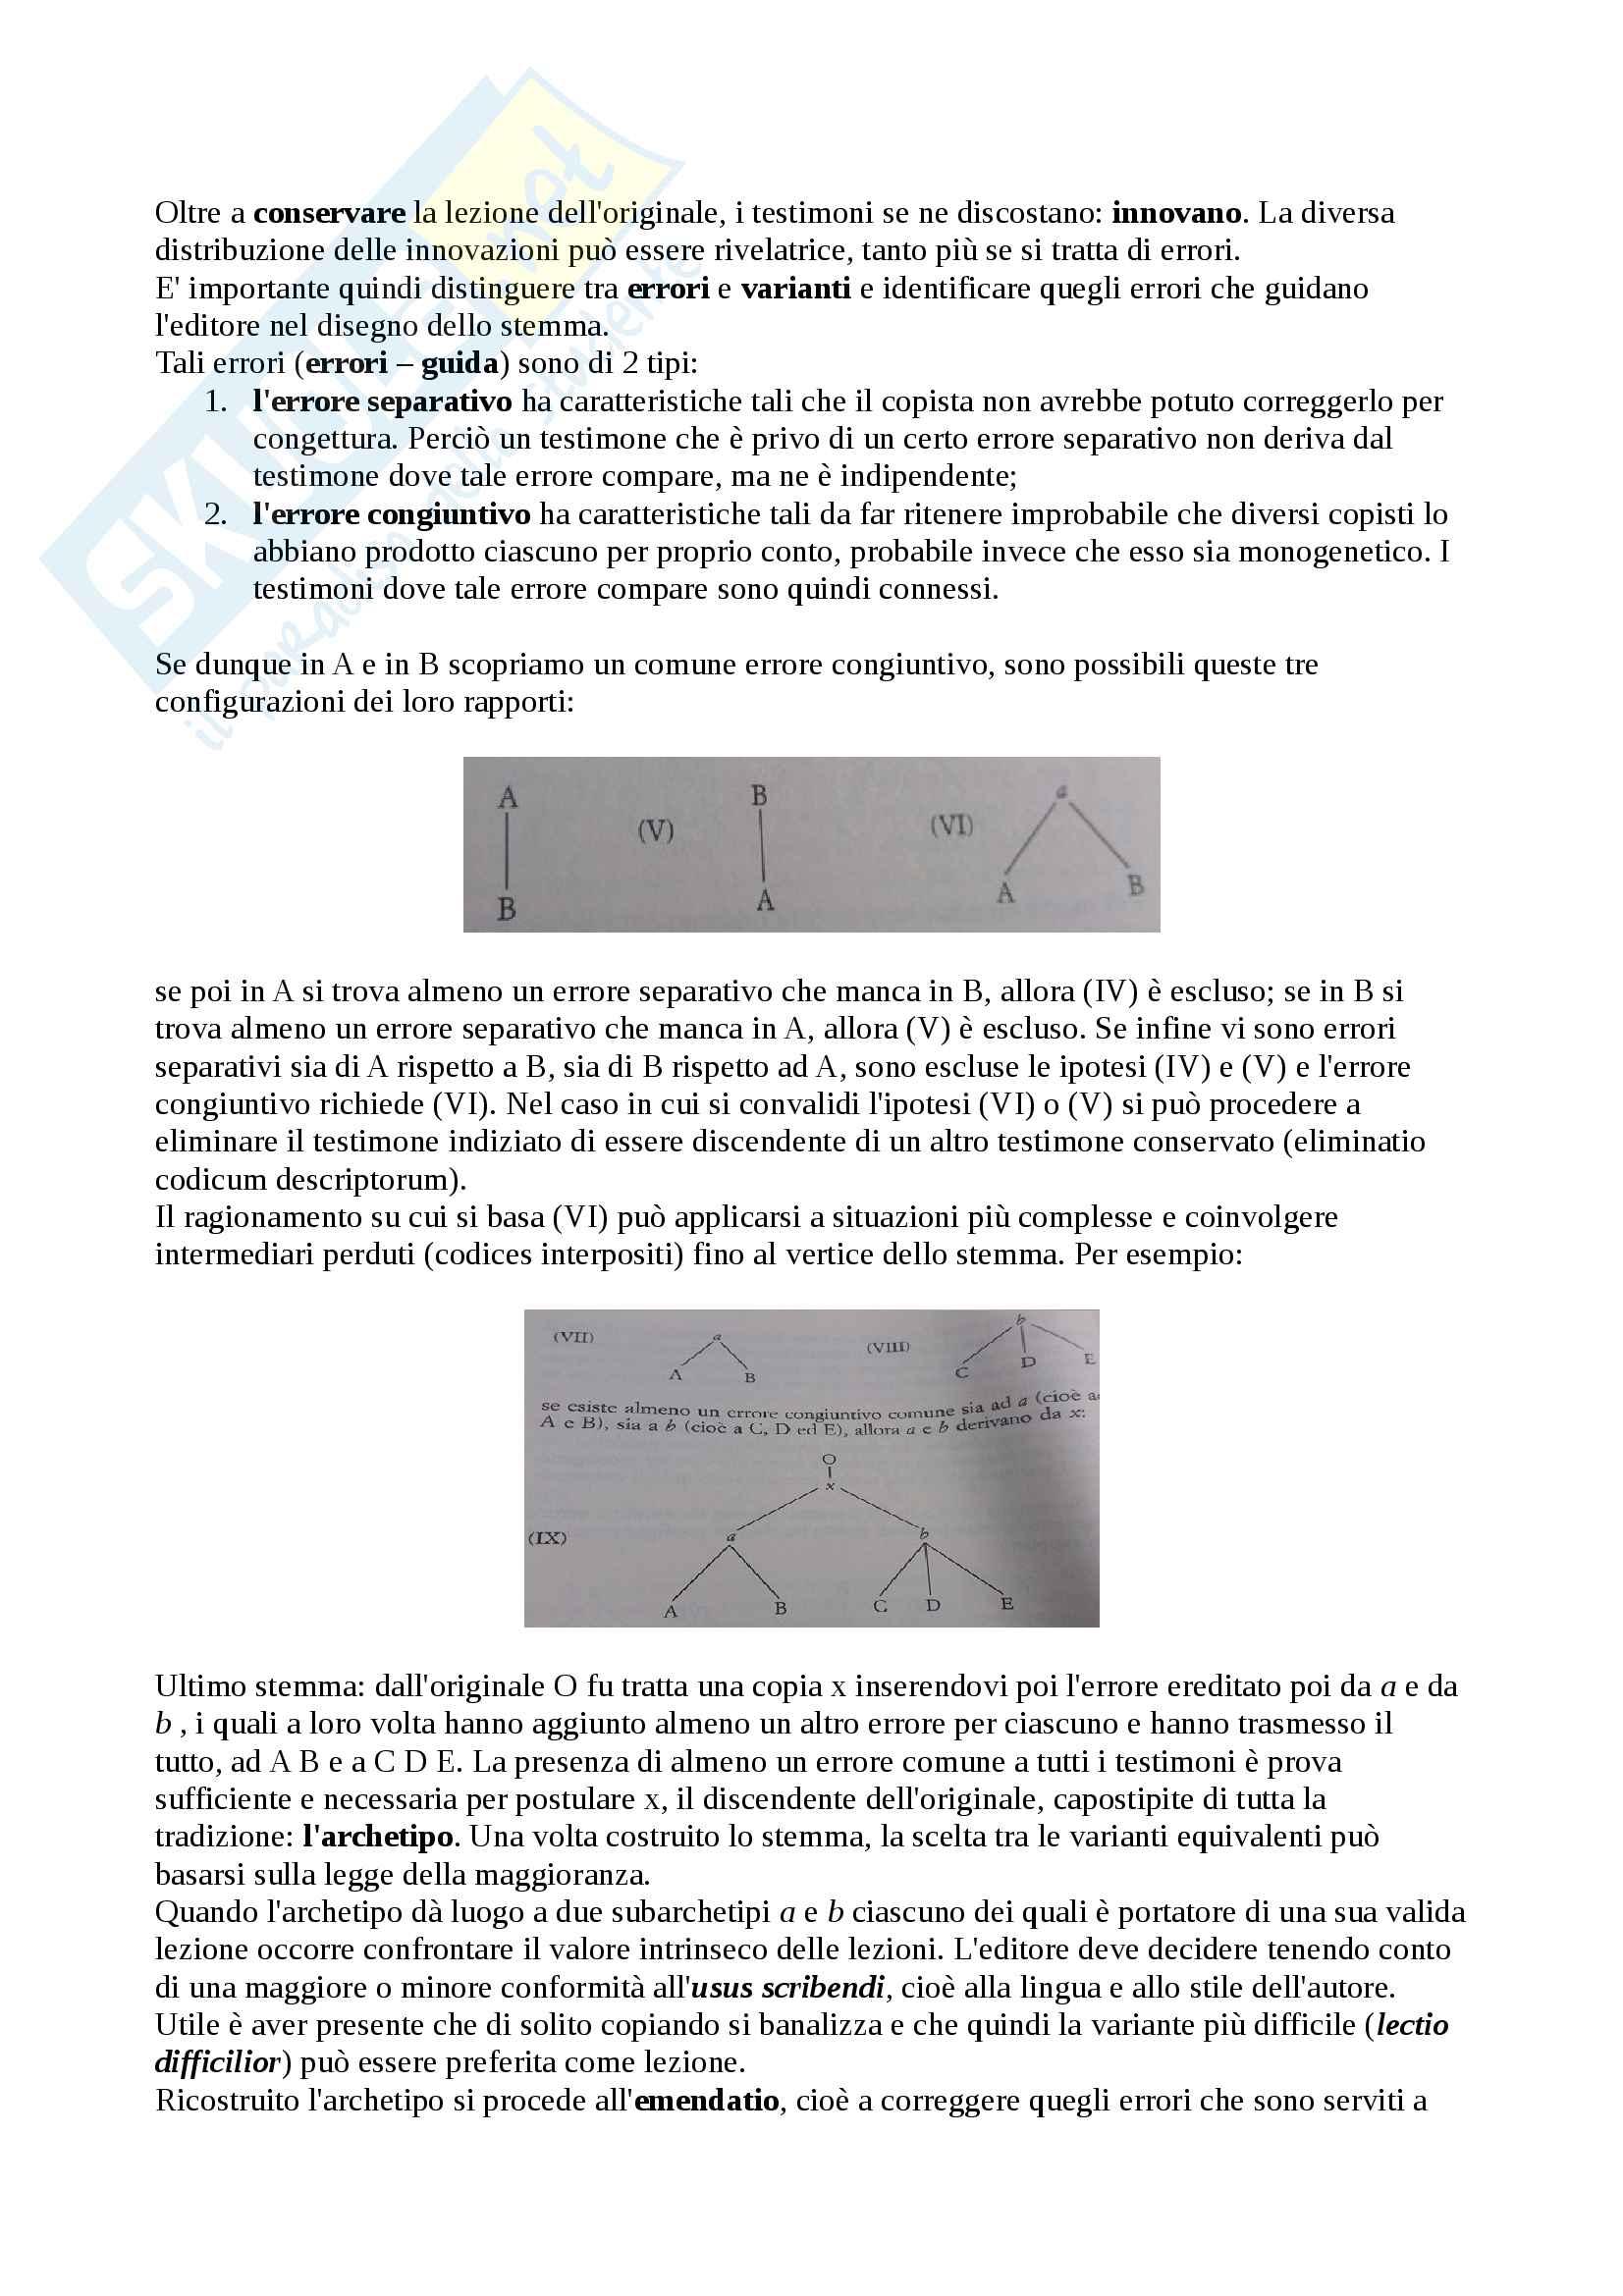 Riassunto esame Filologia Italiana, docente Lorenzi Cristiano, libro consigliato Fondamenti di Critica Testuale, Stussi Pag. 2